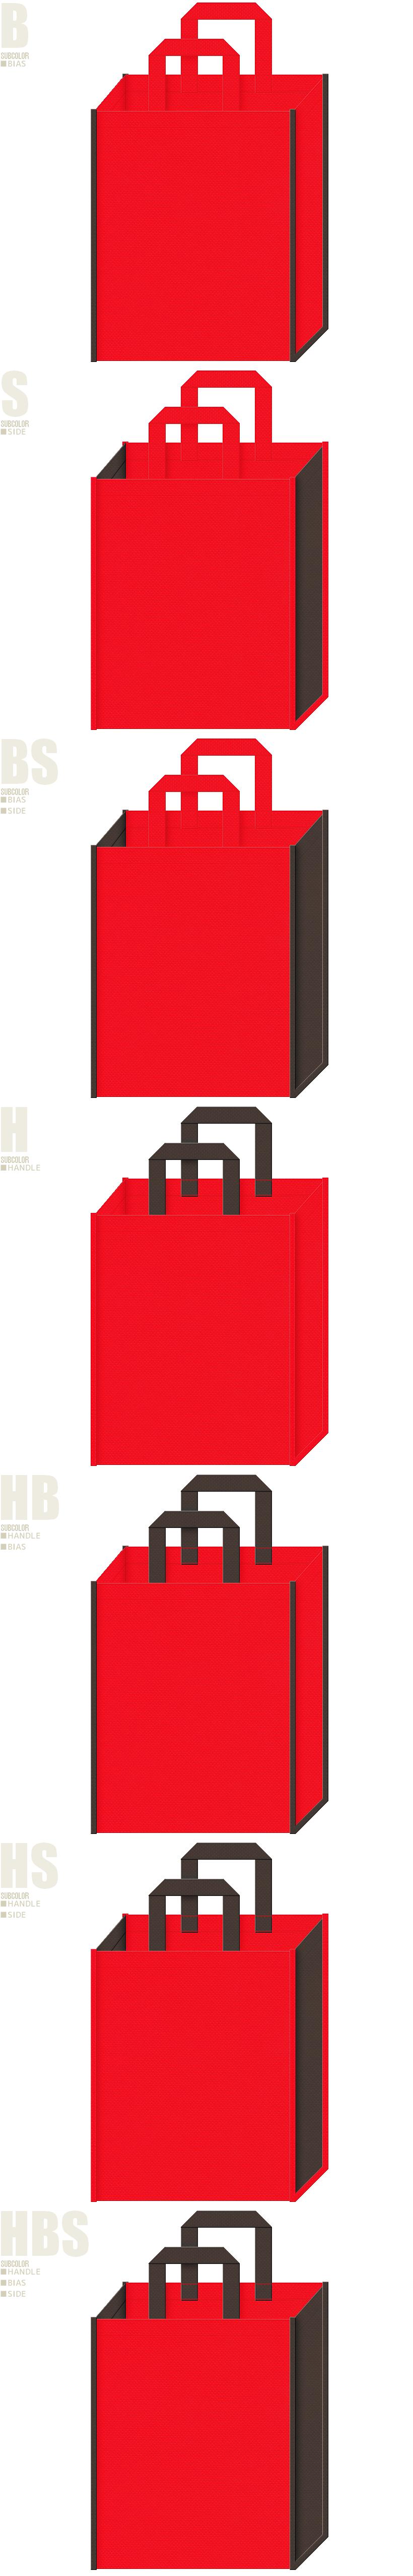 クリスマスのイベントにお奨めの不織布バッグデザイン:赤色とこげ茶色の配色7パターン